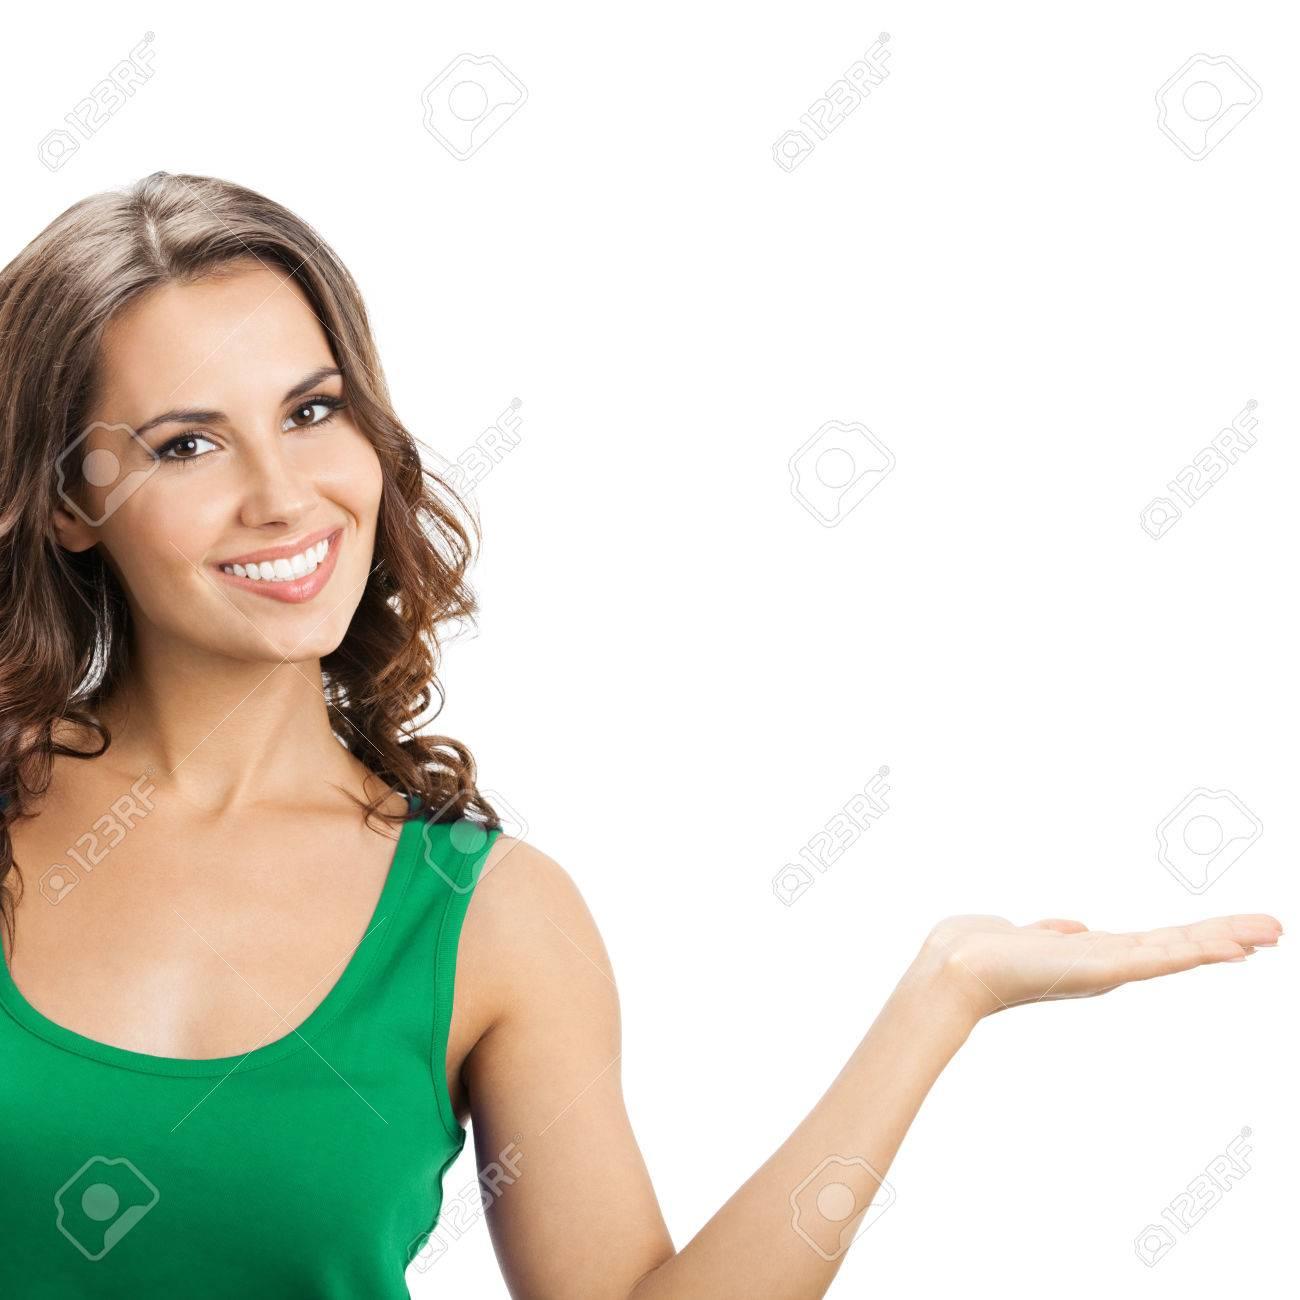 41841f4bb807 Feliz sonriente mujer joven hermosa que muestra copyspace o algo así, en  ropa casual elegante verde, aislado sobre fondo blanco